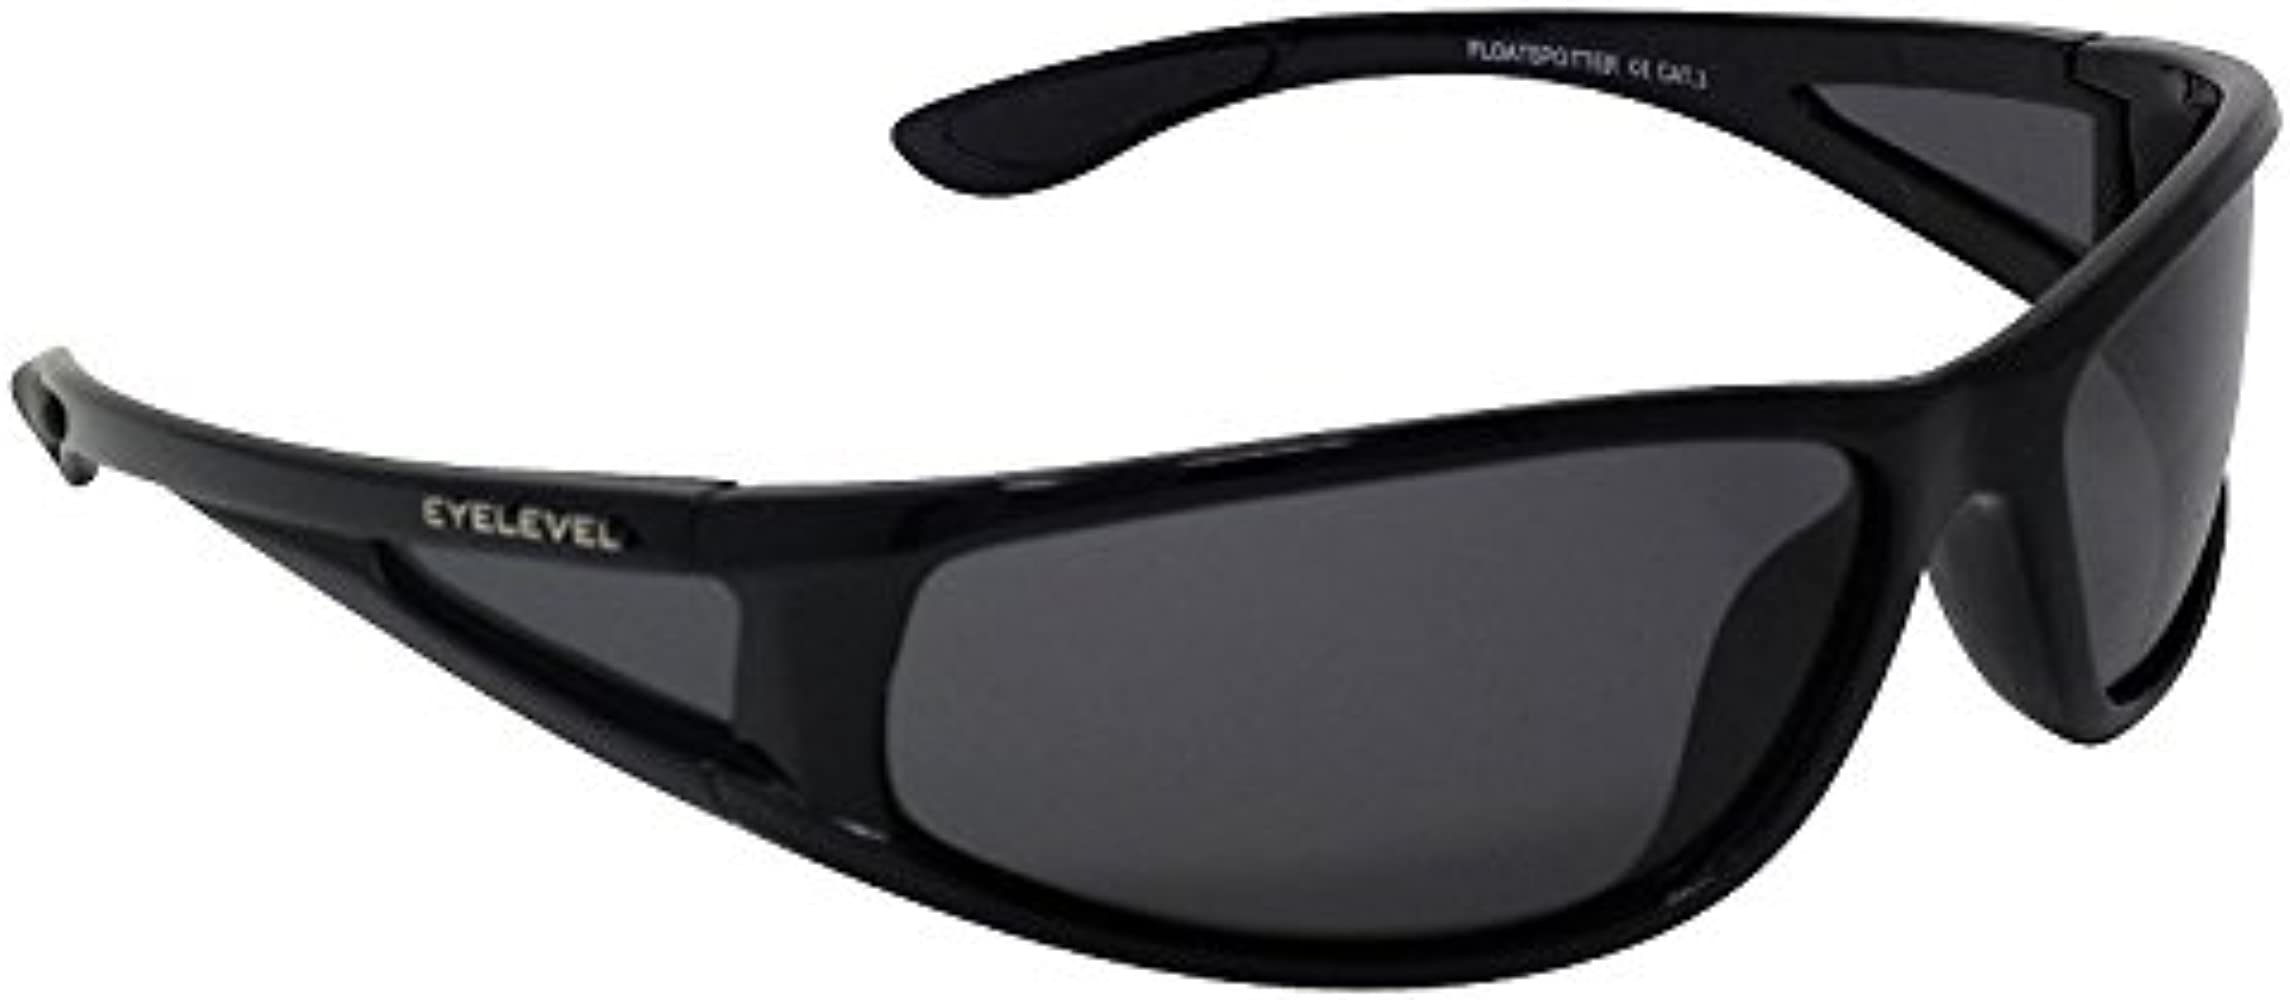 Eyelevel Floatspotter - Gafas de sol polarizadas, gato 3 ...